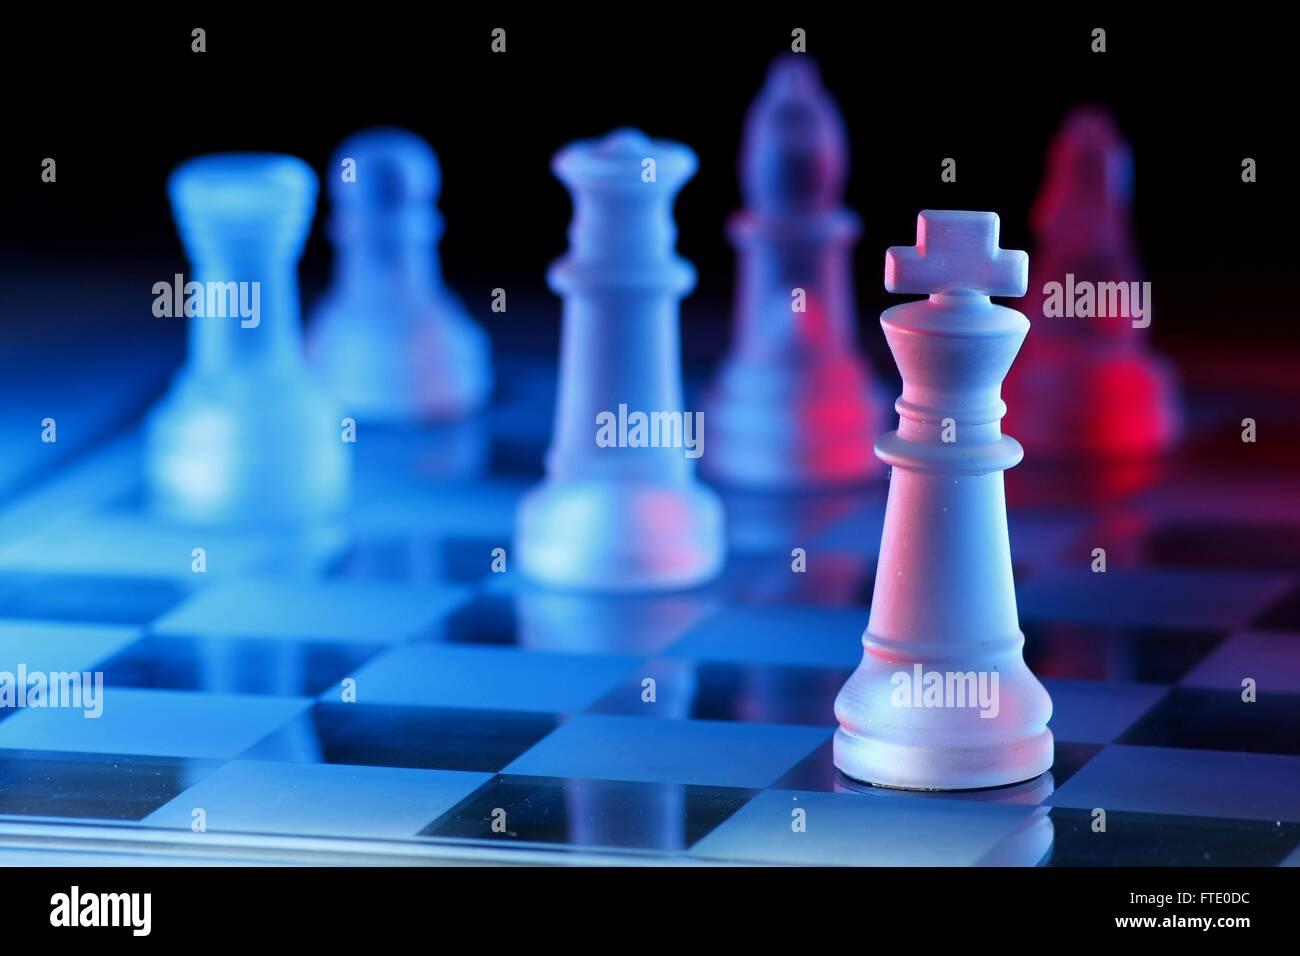 Juego de tablero de ajedrez Foto de stock